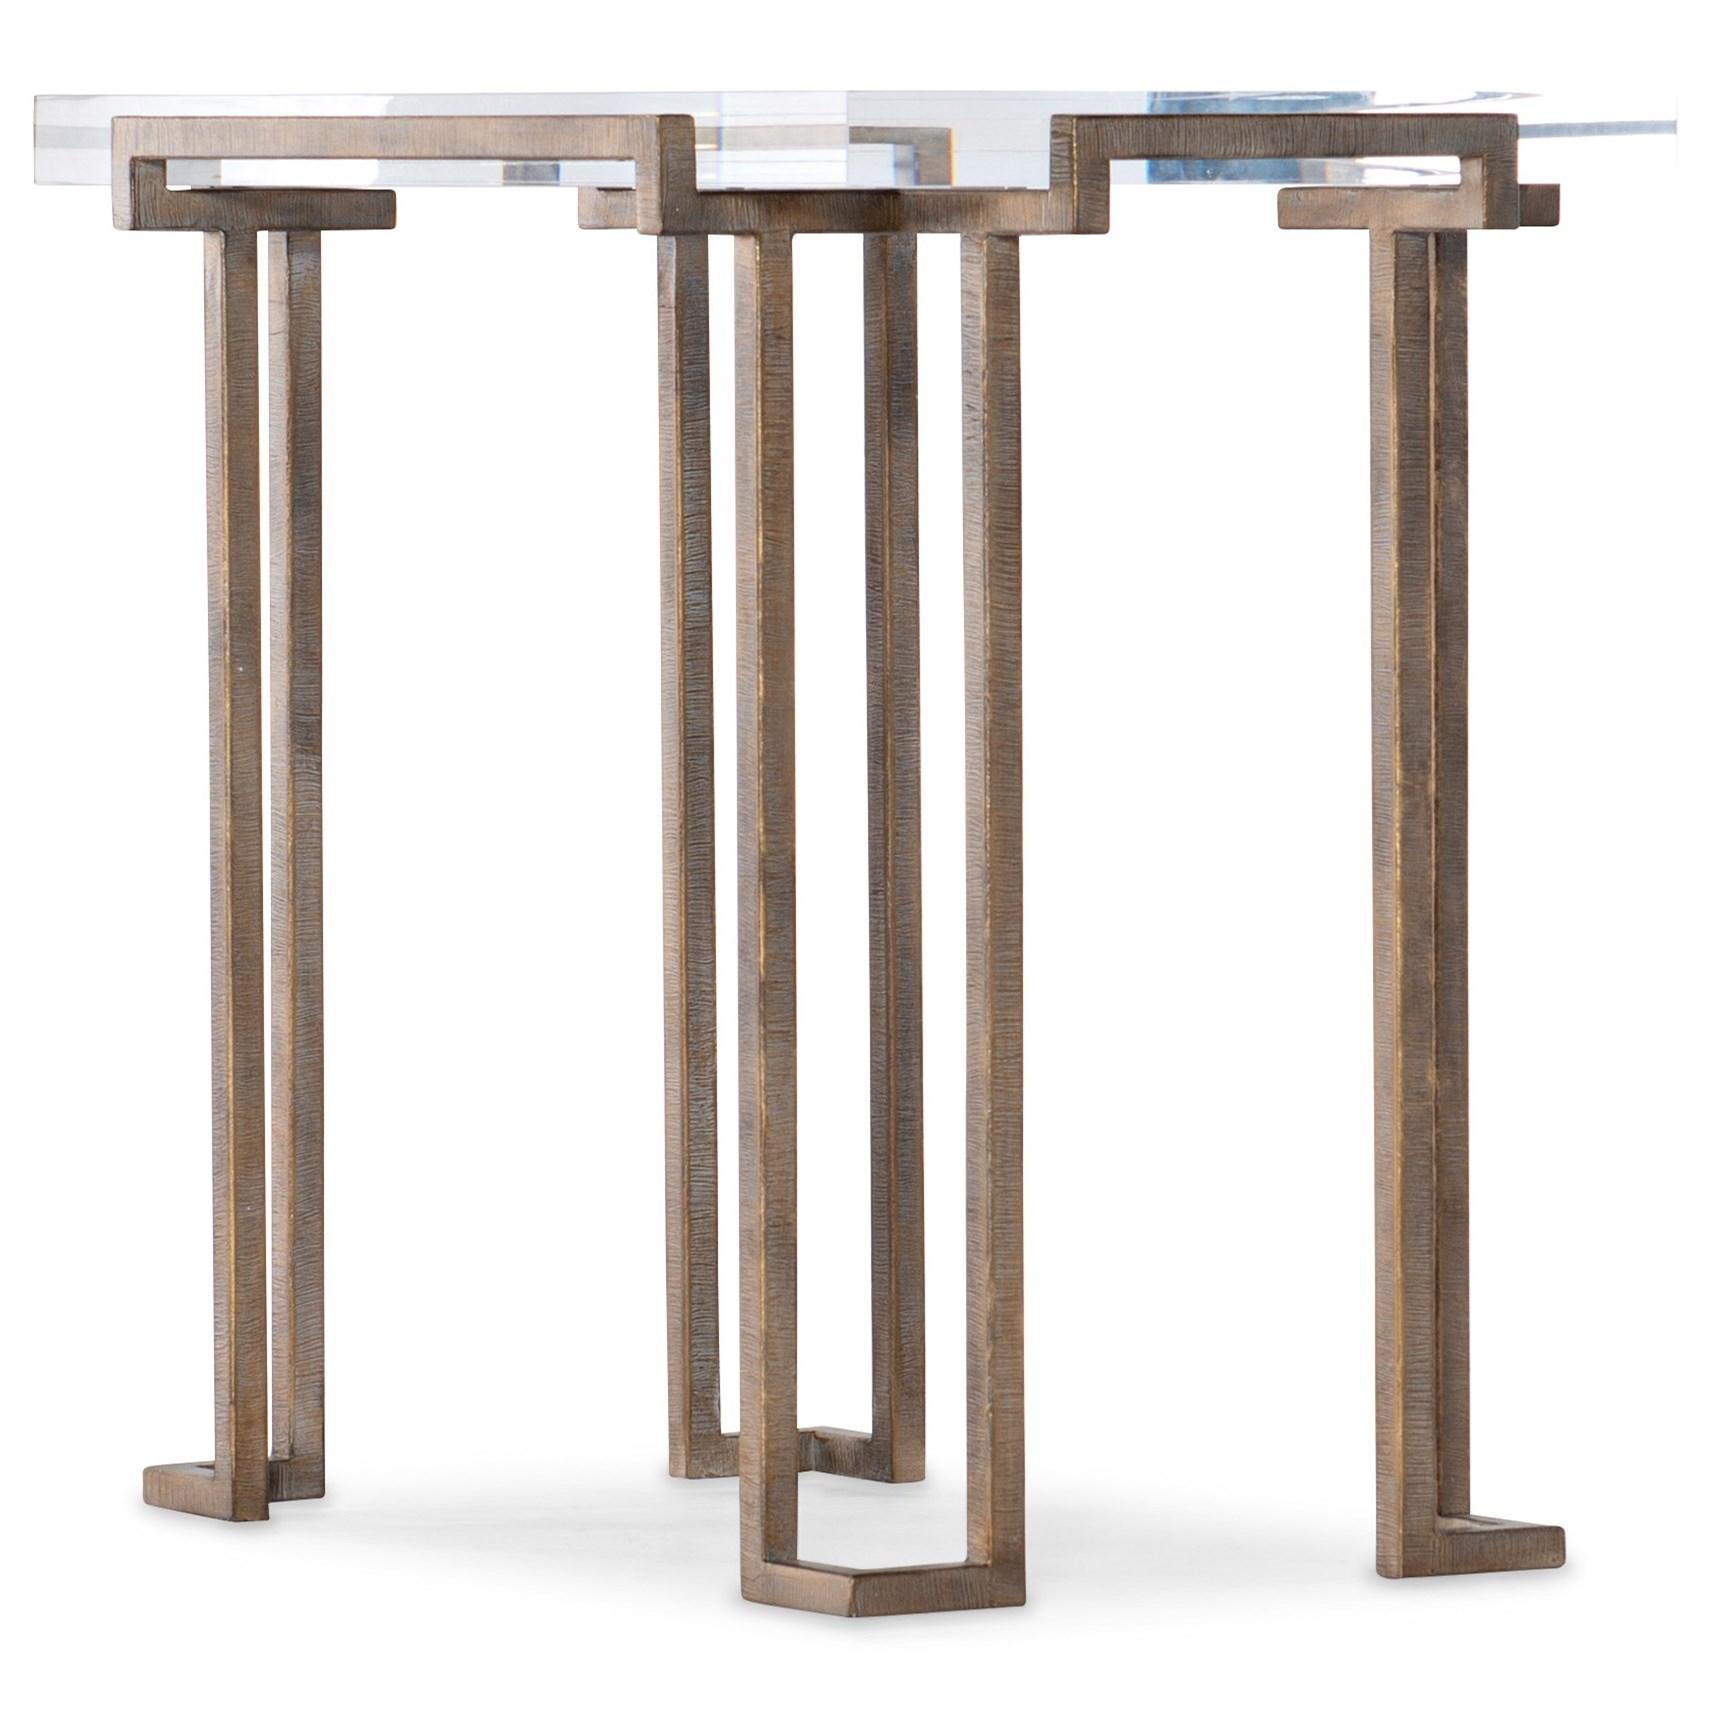 Melange Grove End Table by Hooker Furniture at Baer's Furniture